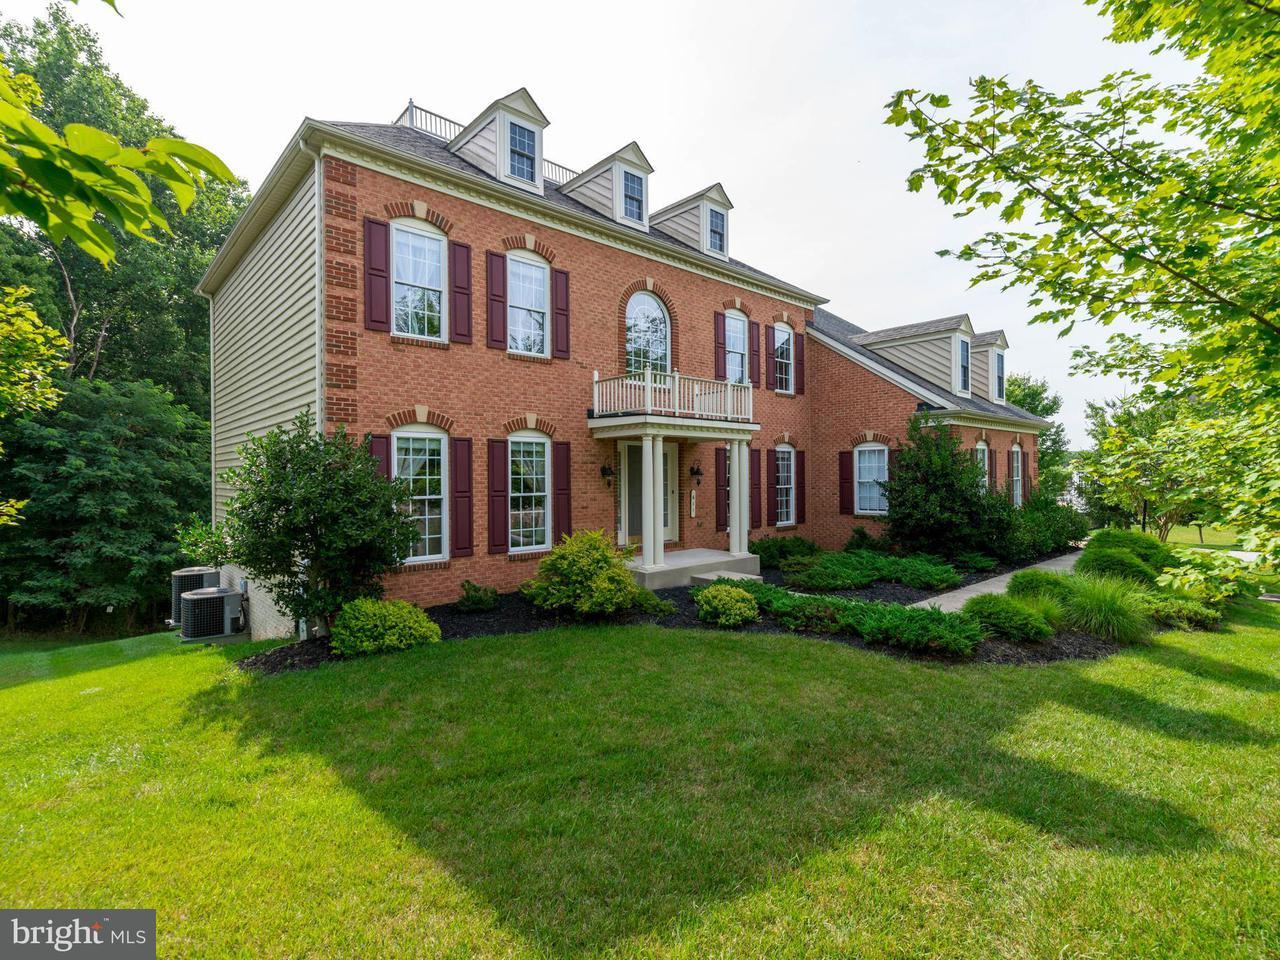 Einfamilienhaus für Verkauf beim 611 CASCADE VIEW Court 611 CASCADE VIEW Court Parkton, Maryland 21120 Vereinigte Staaten